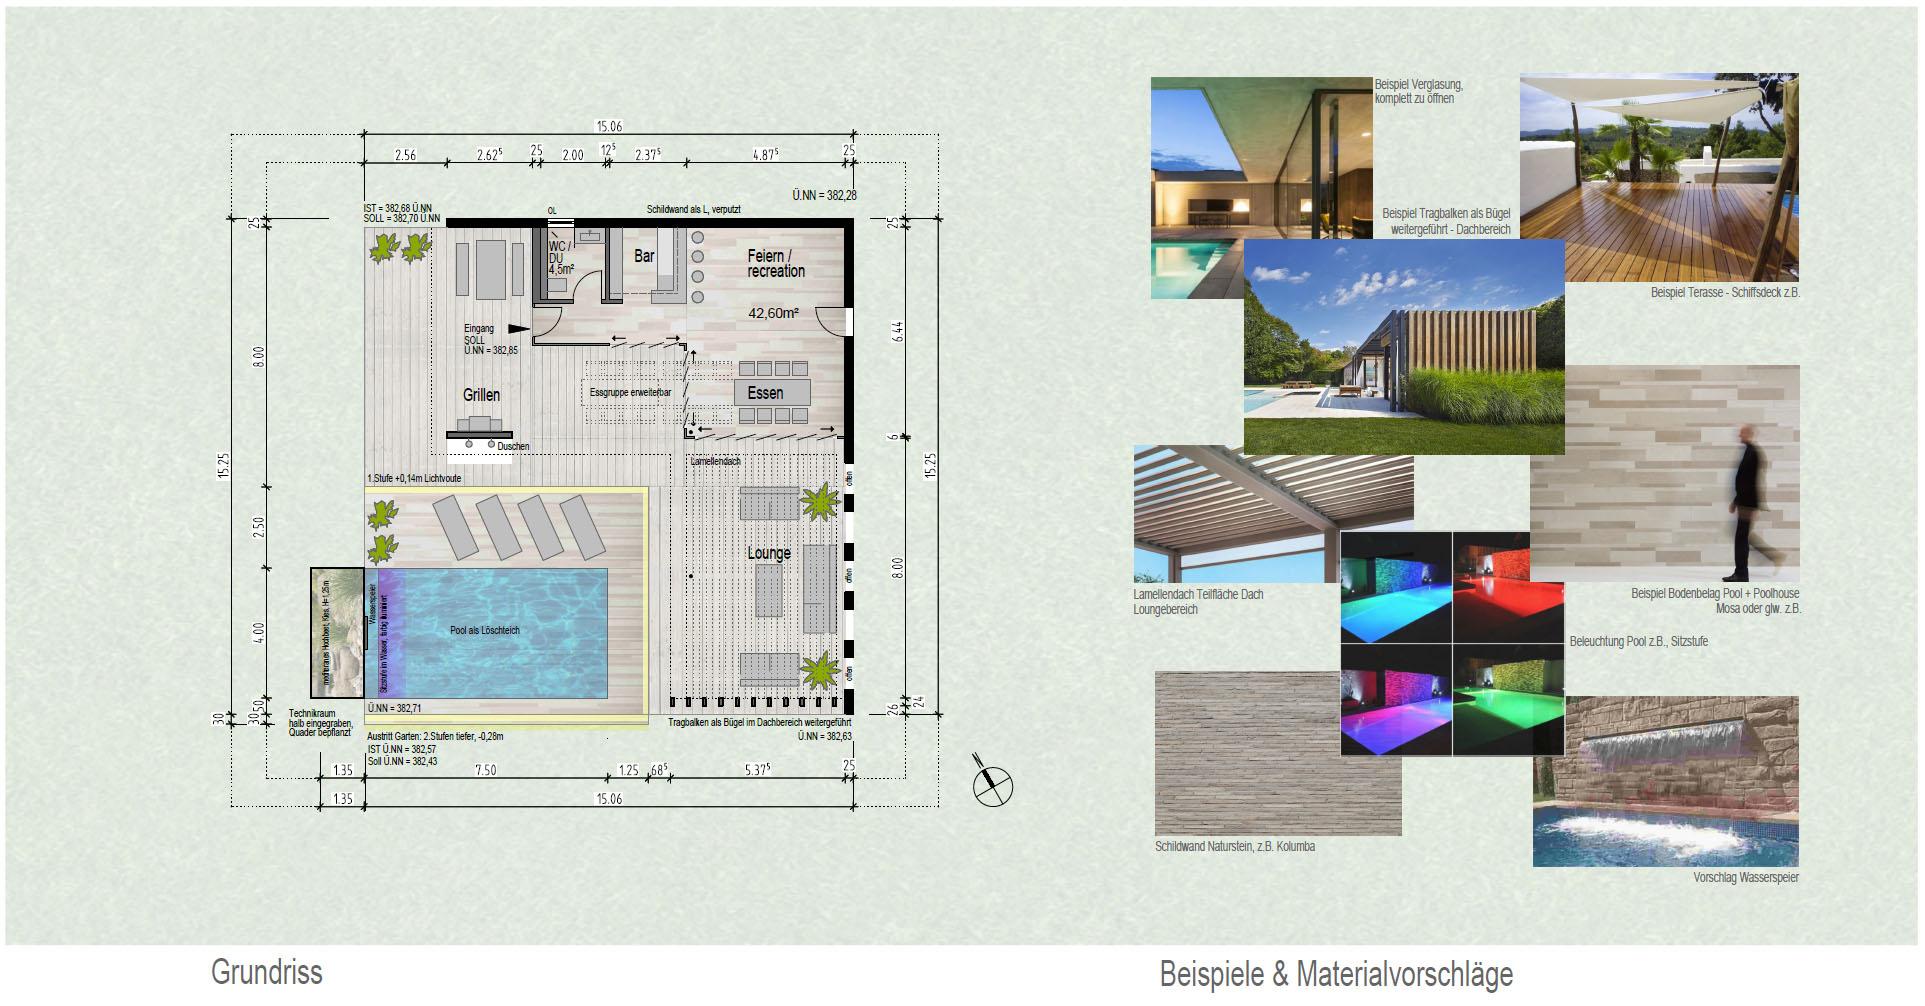 Poolhouse Michel